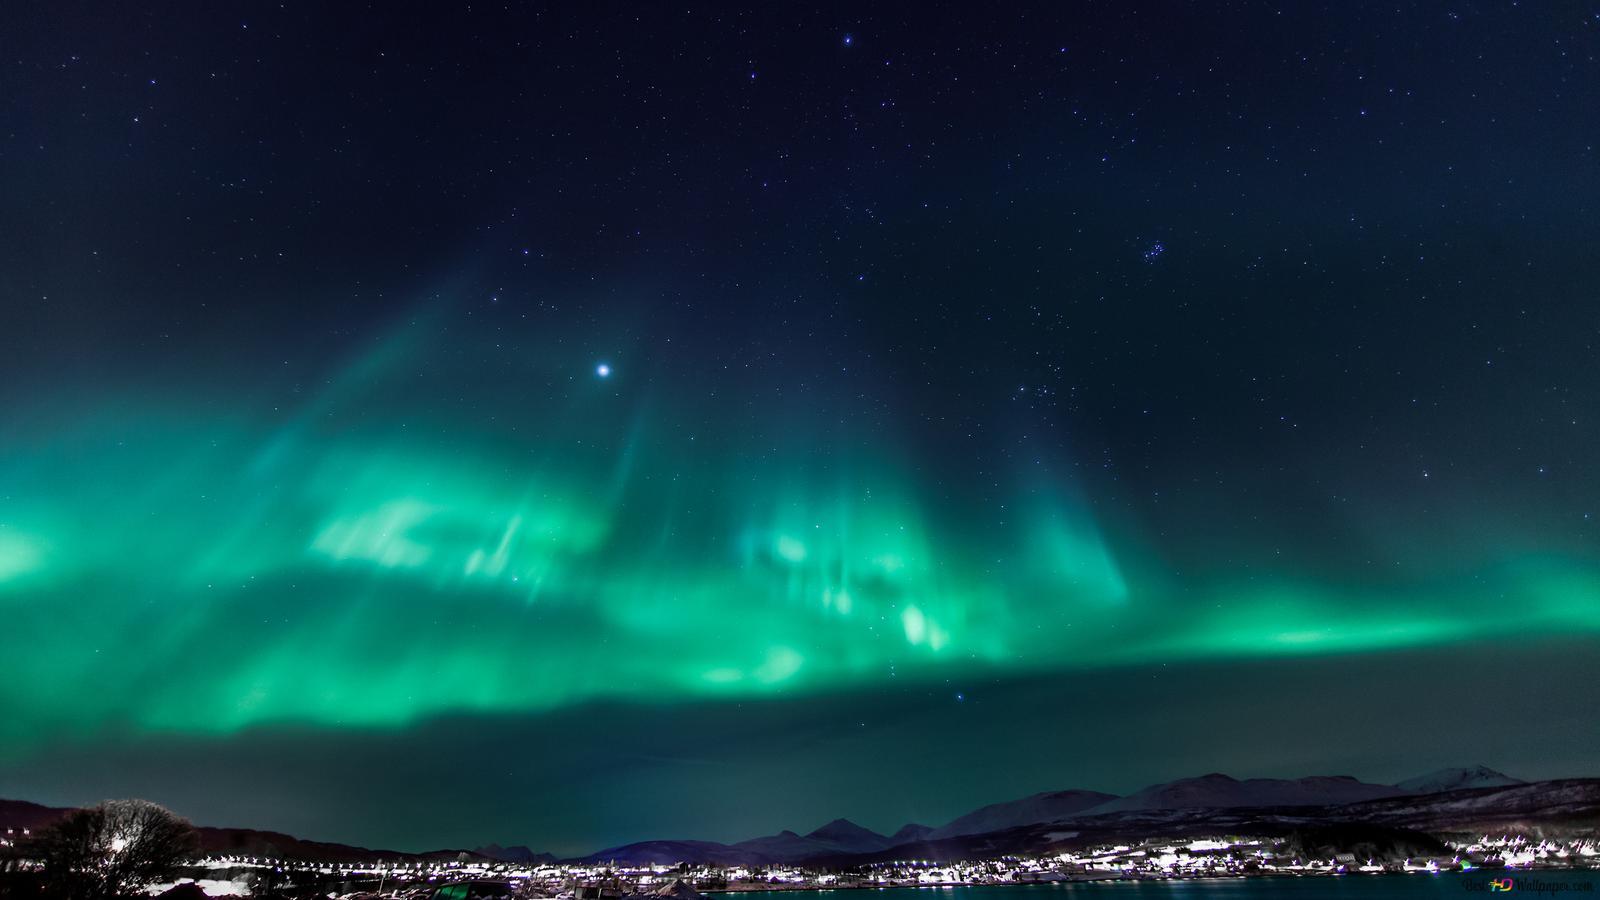 Aurora Borealis Nel Cielo Stellato Download Di Sfondi Hd